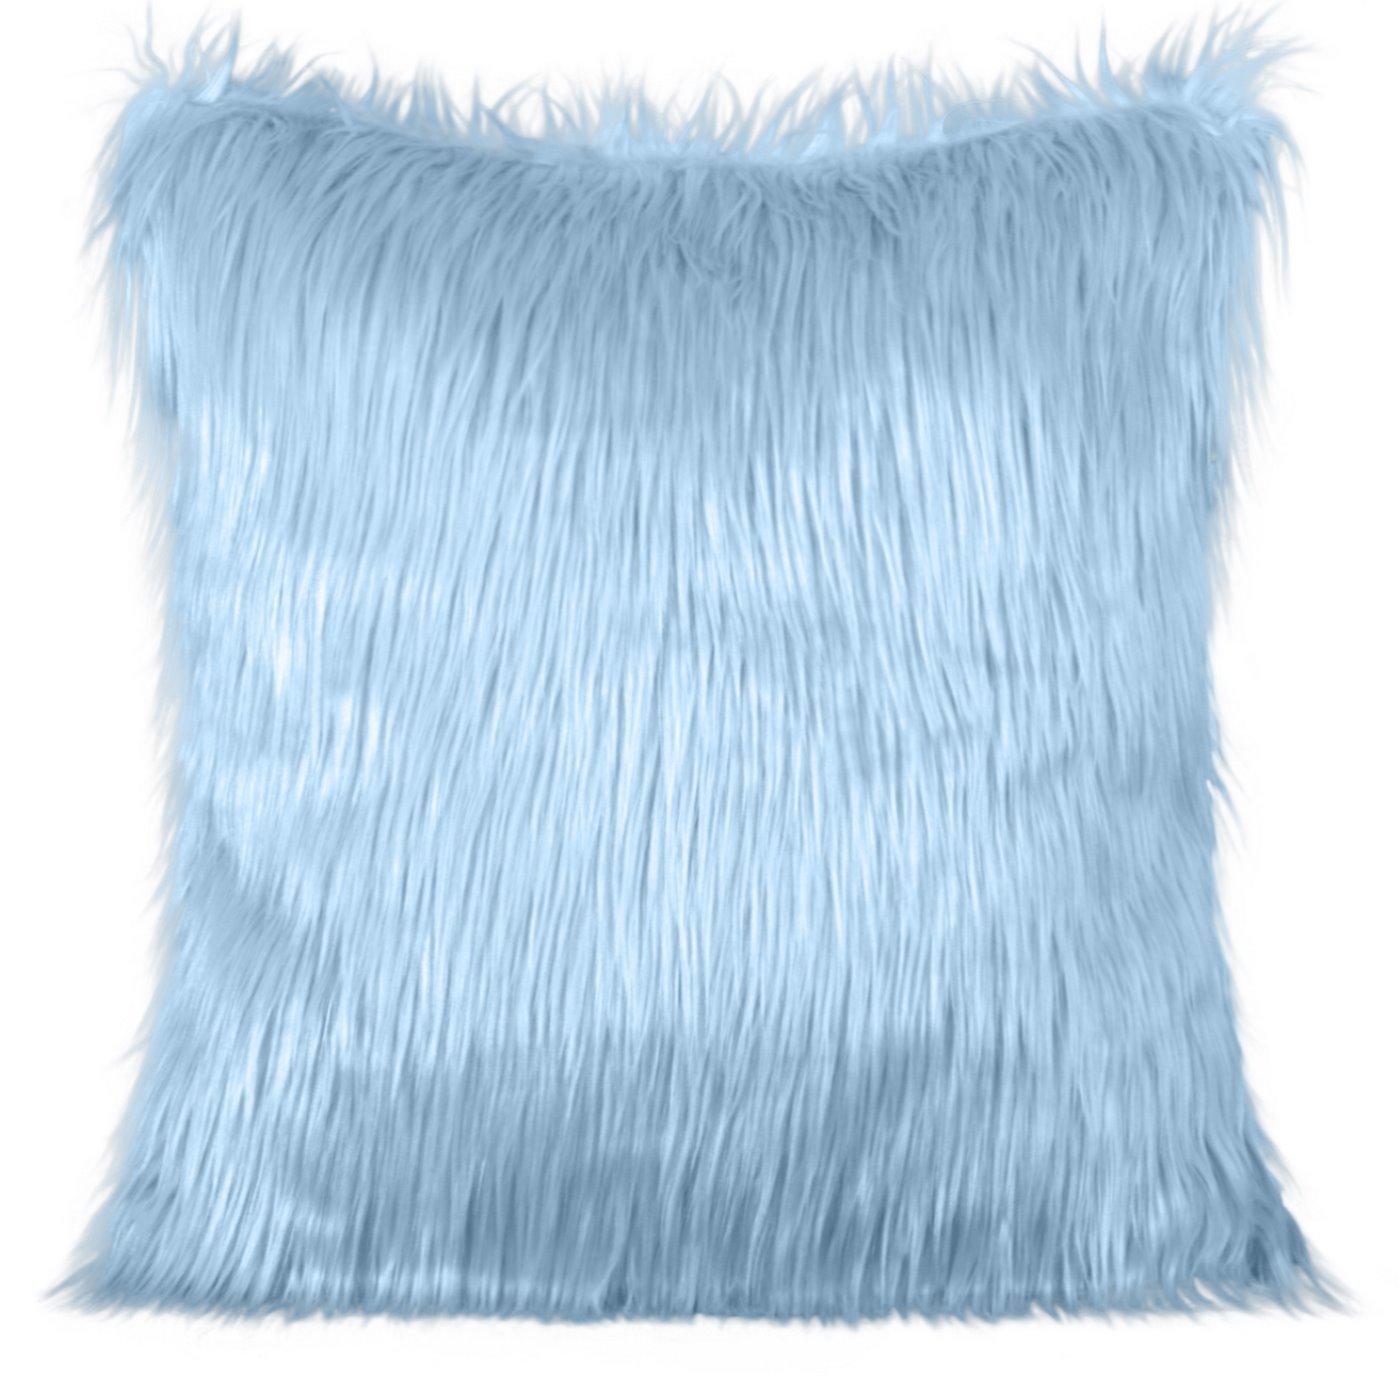 Poszewka na poduszkę futerko jasno niebieska 55 x 55 cm